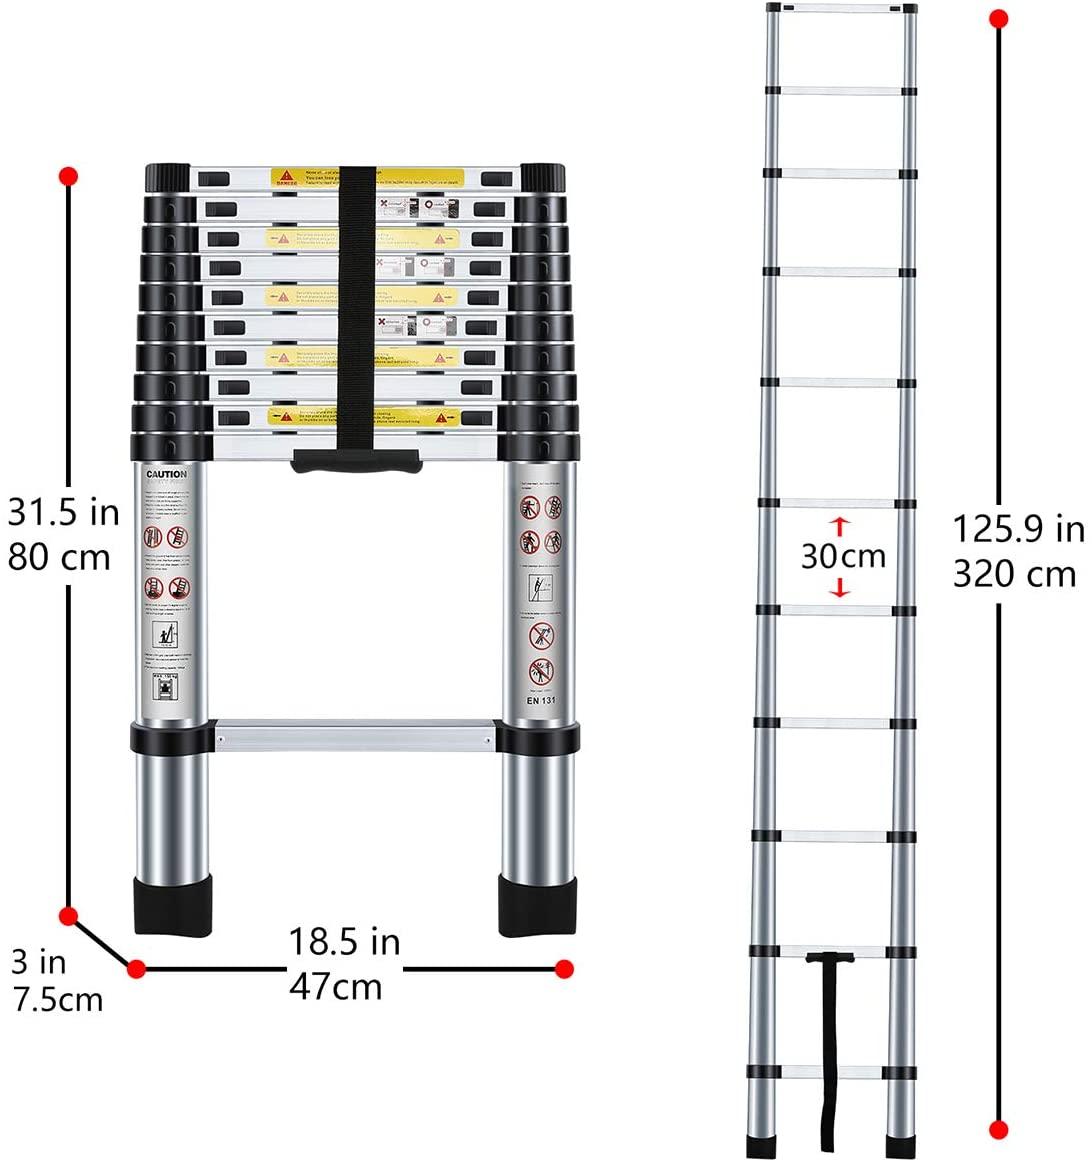 3.2M Extendable Alminium Ladders